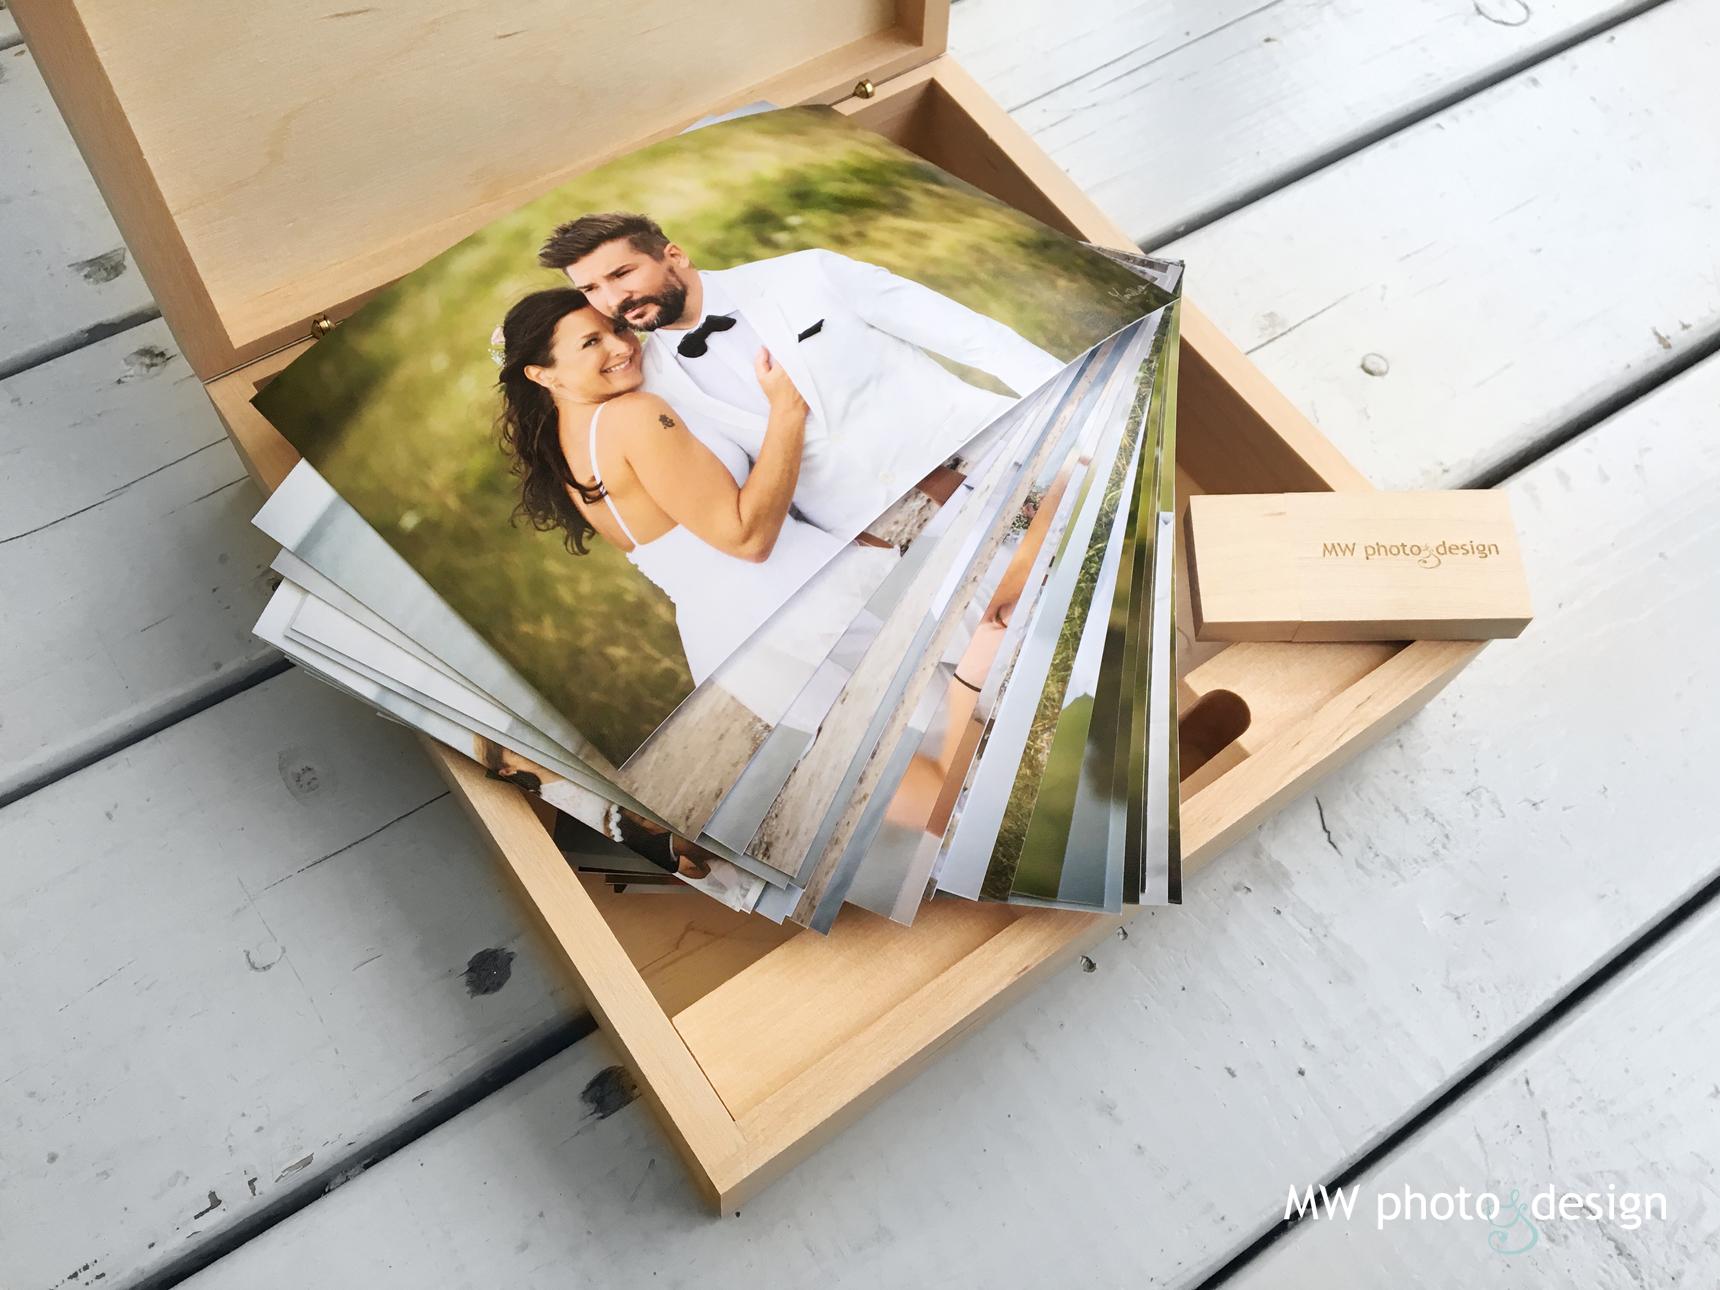 imagebox, Digitalboxen, bröllop, Bröllopsfotograf, wedding photographer, skåne, Höganäs